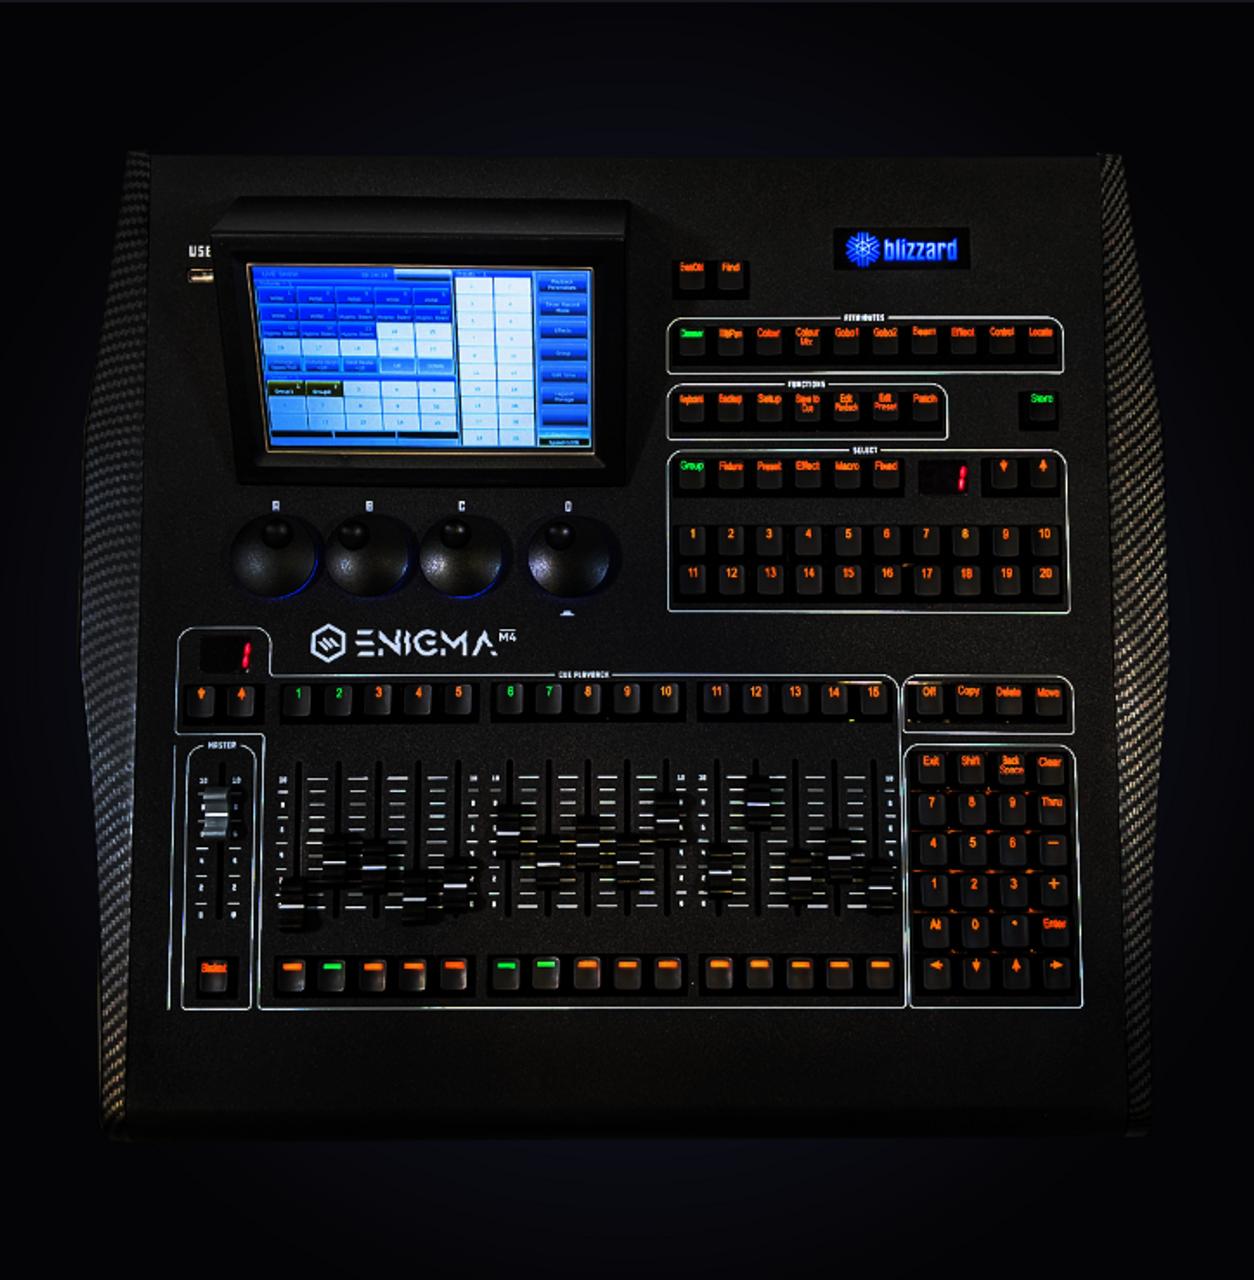 Blizzard ENIGMA M20 Lighting Console